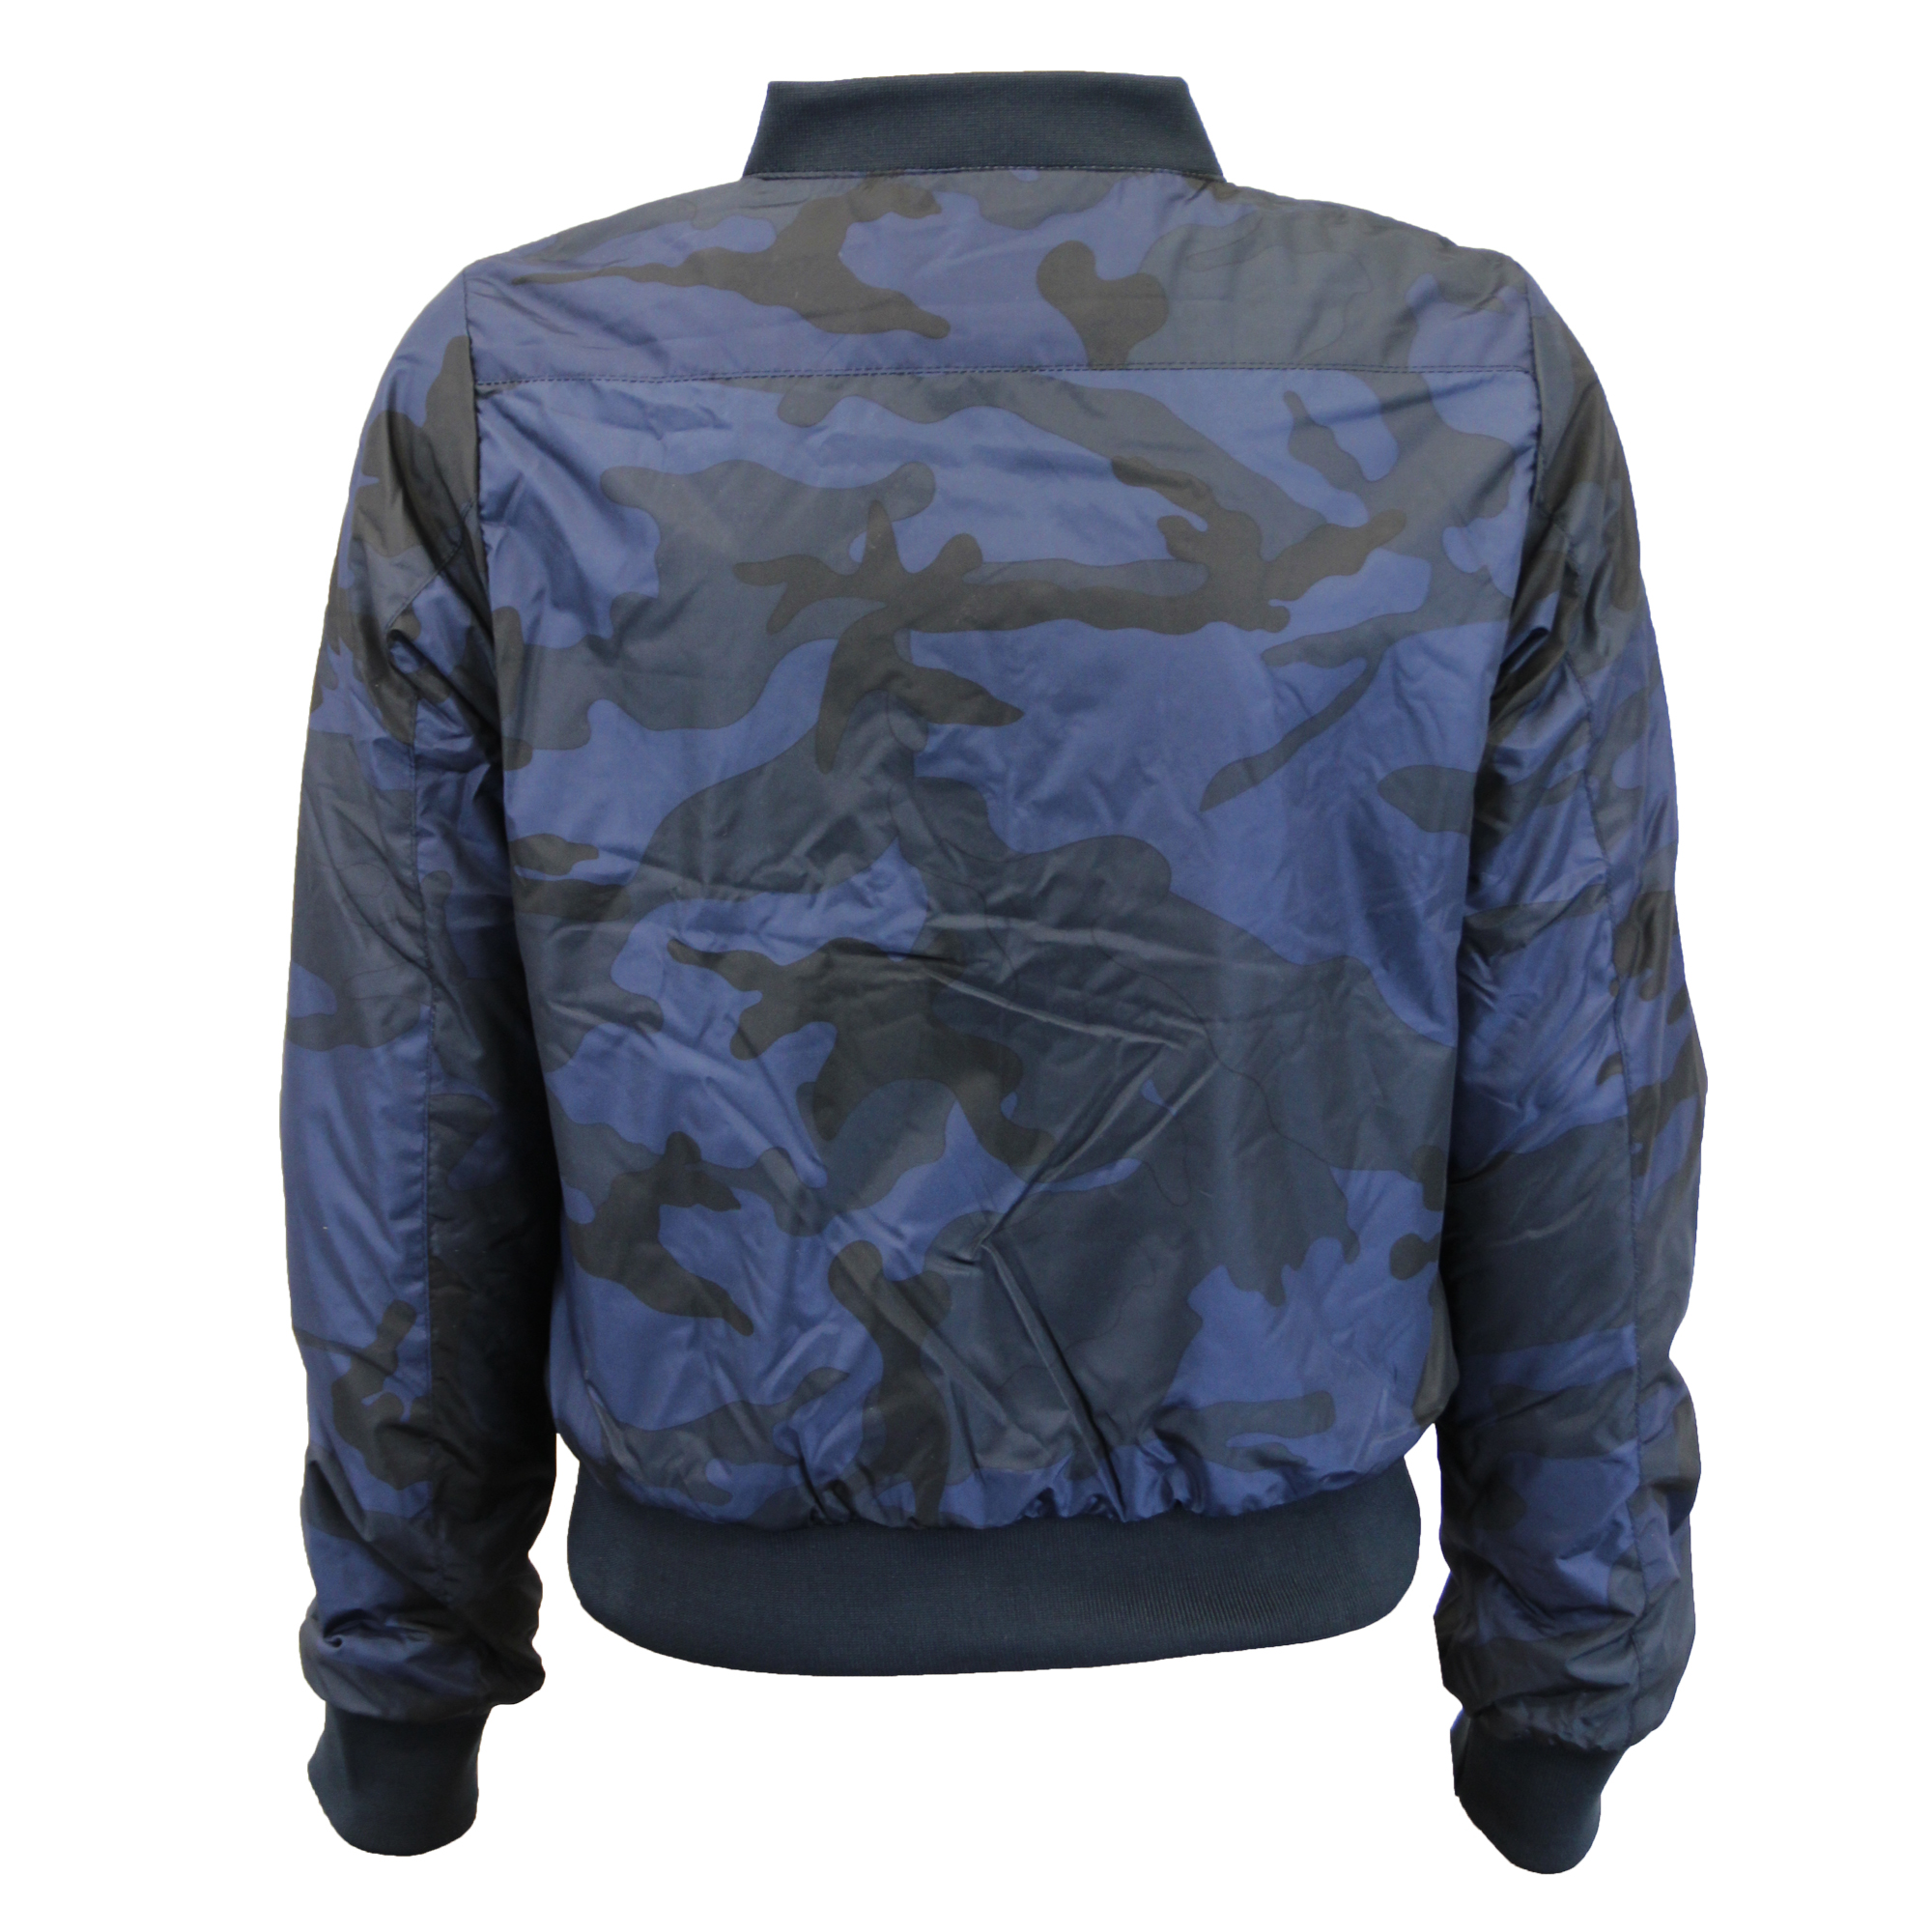 6a97cd013f163 Mujer Camuflaje Chaqueta Brave Soul Abrigo para Mujer Militar MA1 ...